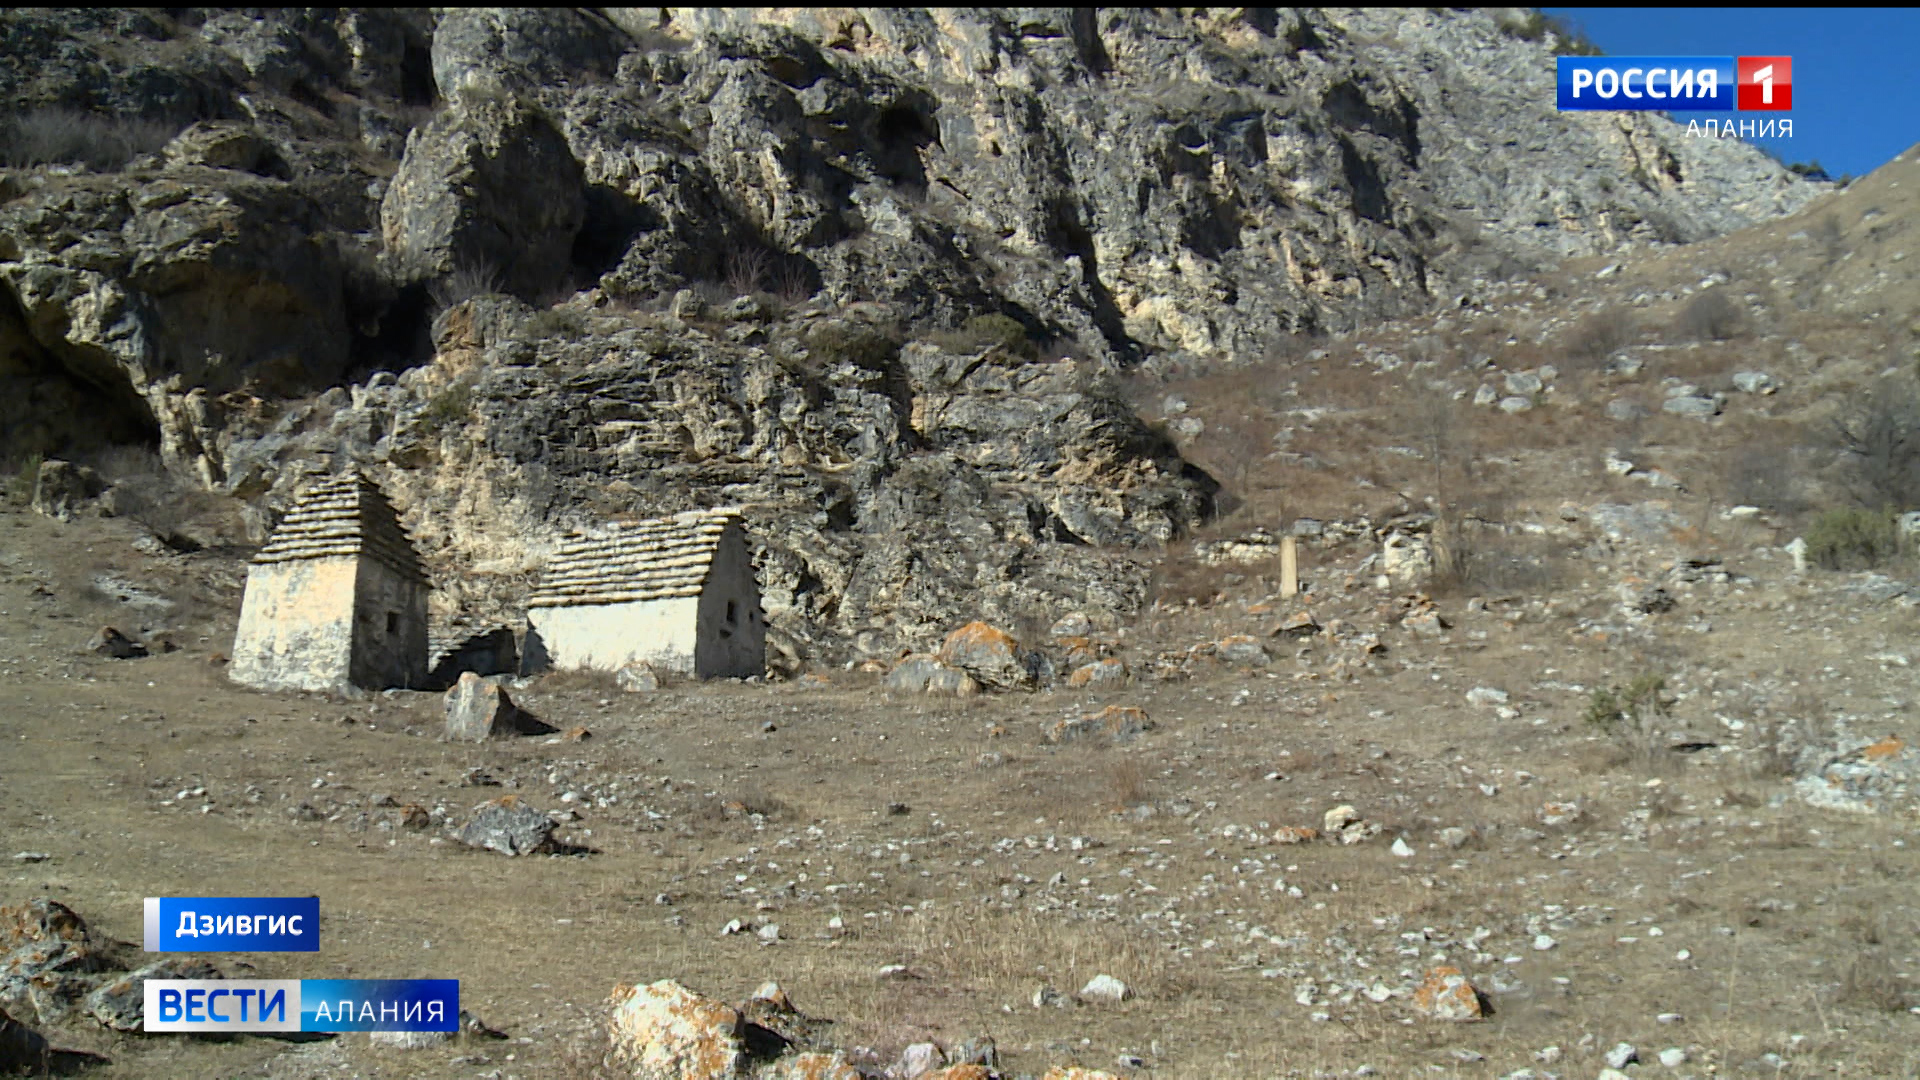 Североосетинские активисты взялись за восстановление разрушенных склепов в Даргавсе